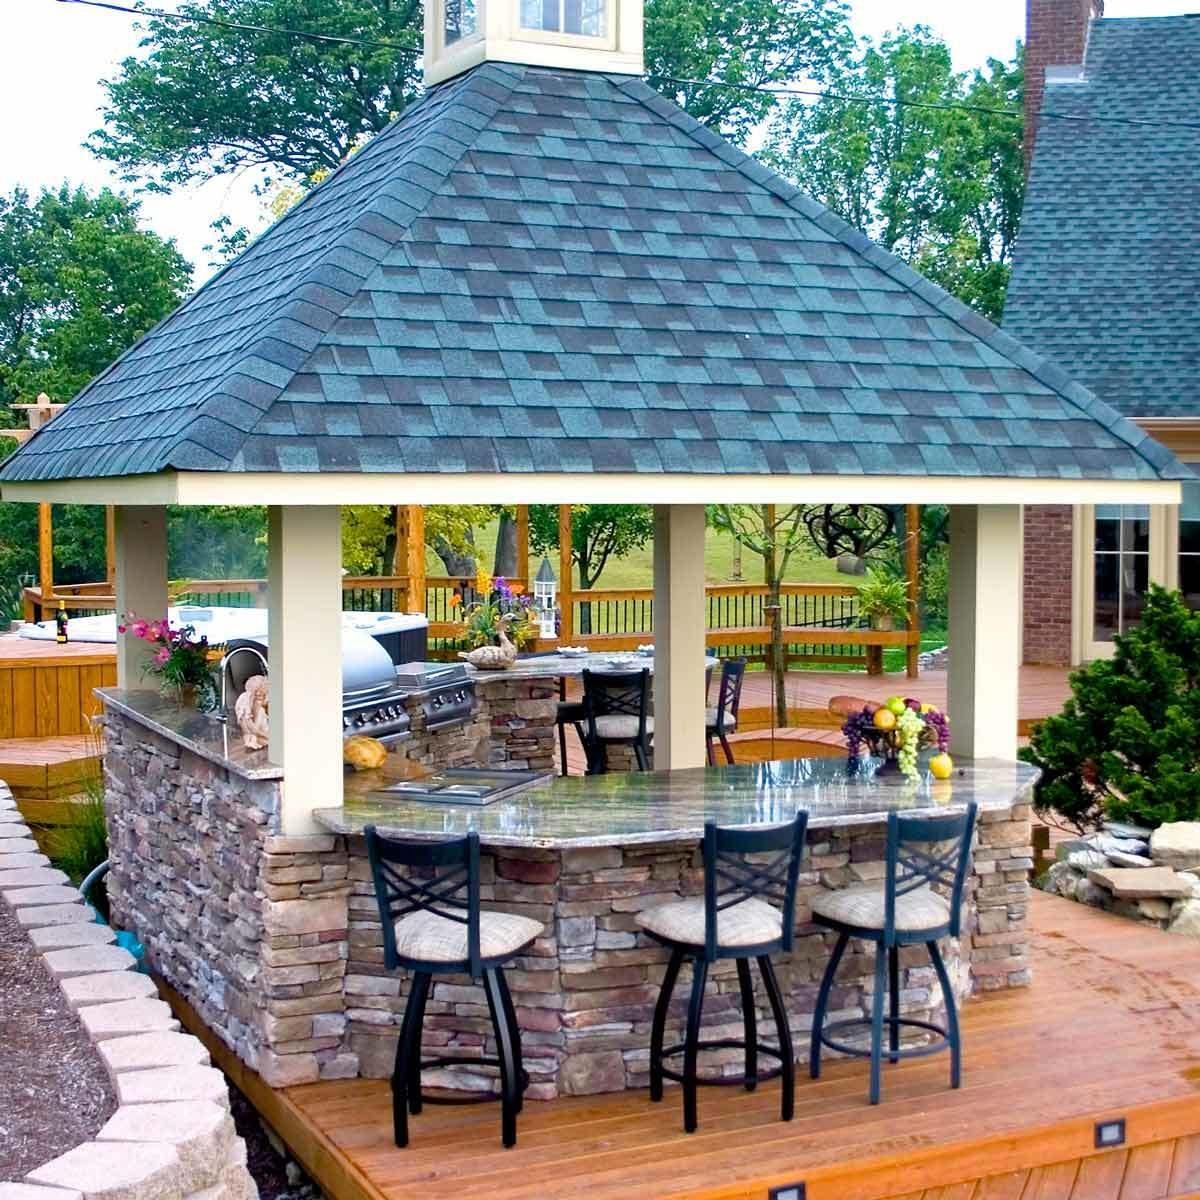 10 inspiring outdoor bar ideas — the family handyman